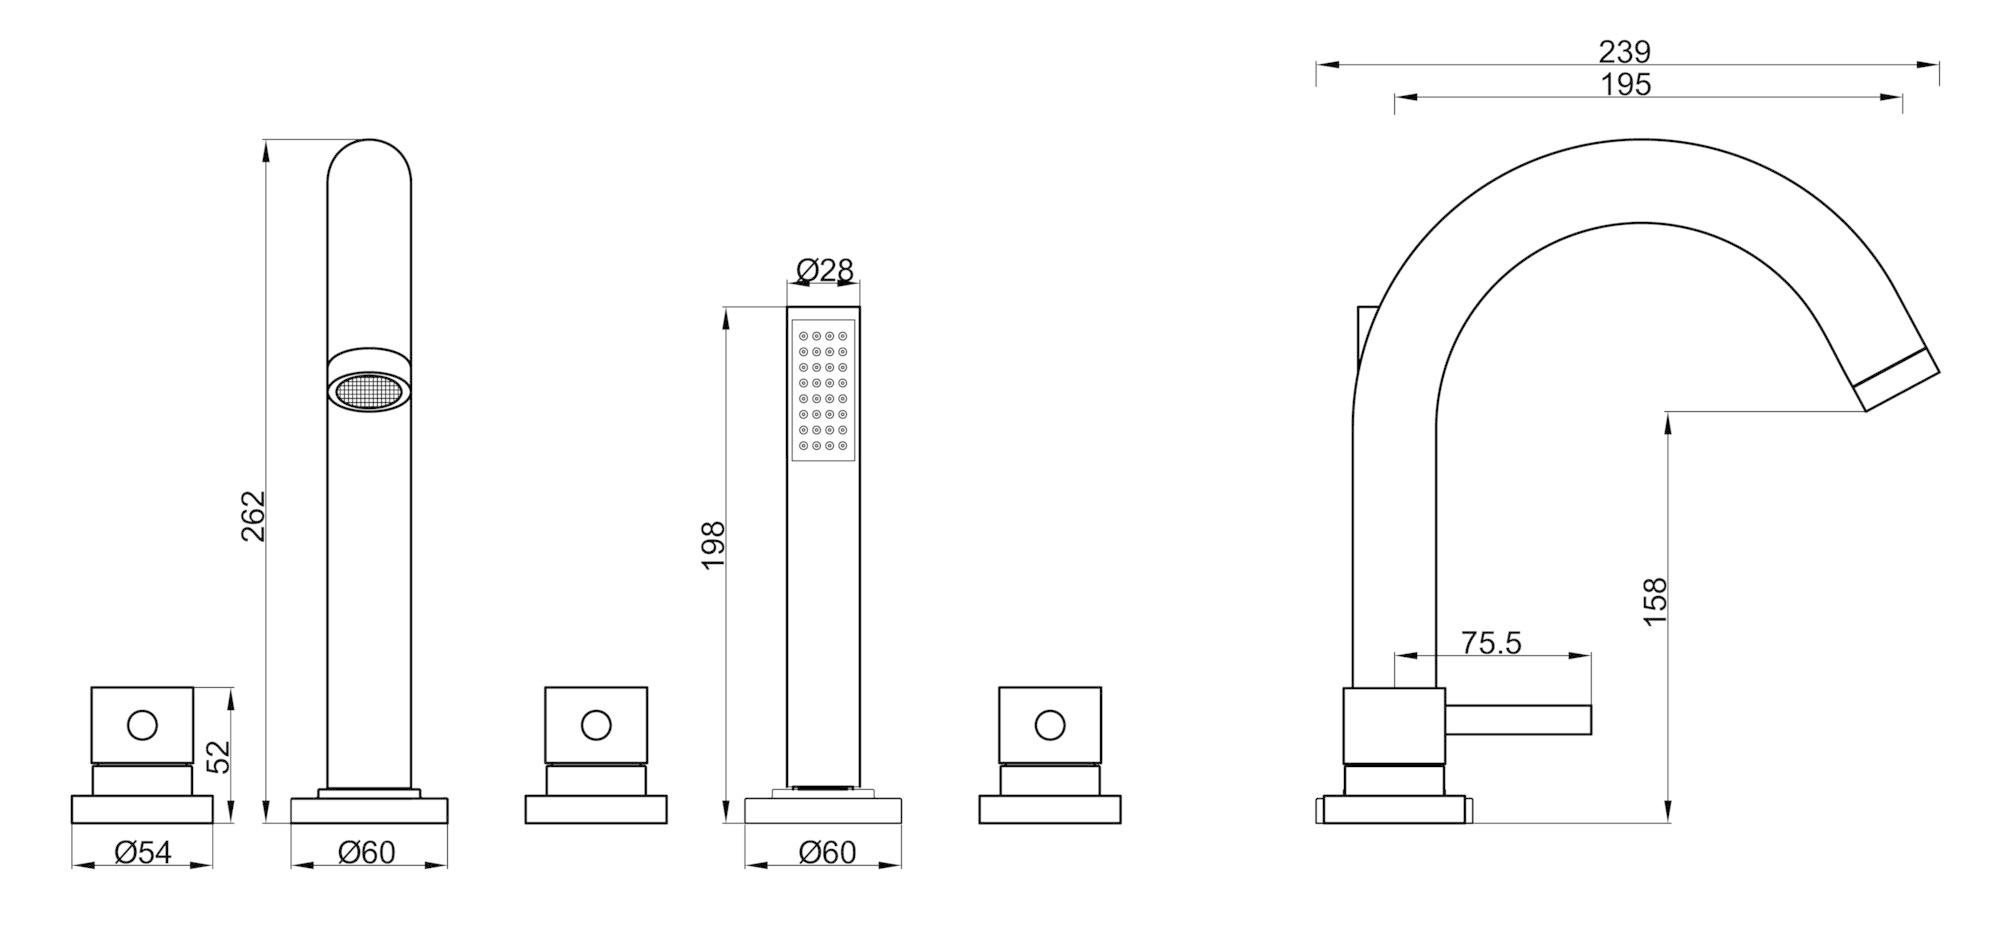 Wiesbaden Caral 5-gats badrandcombinatie geborsteld staal